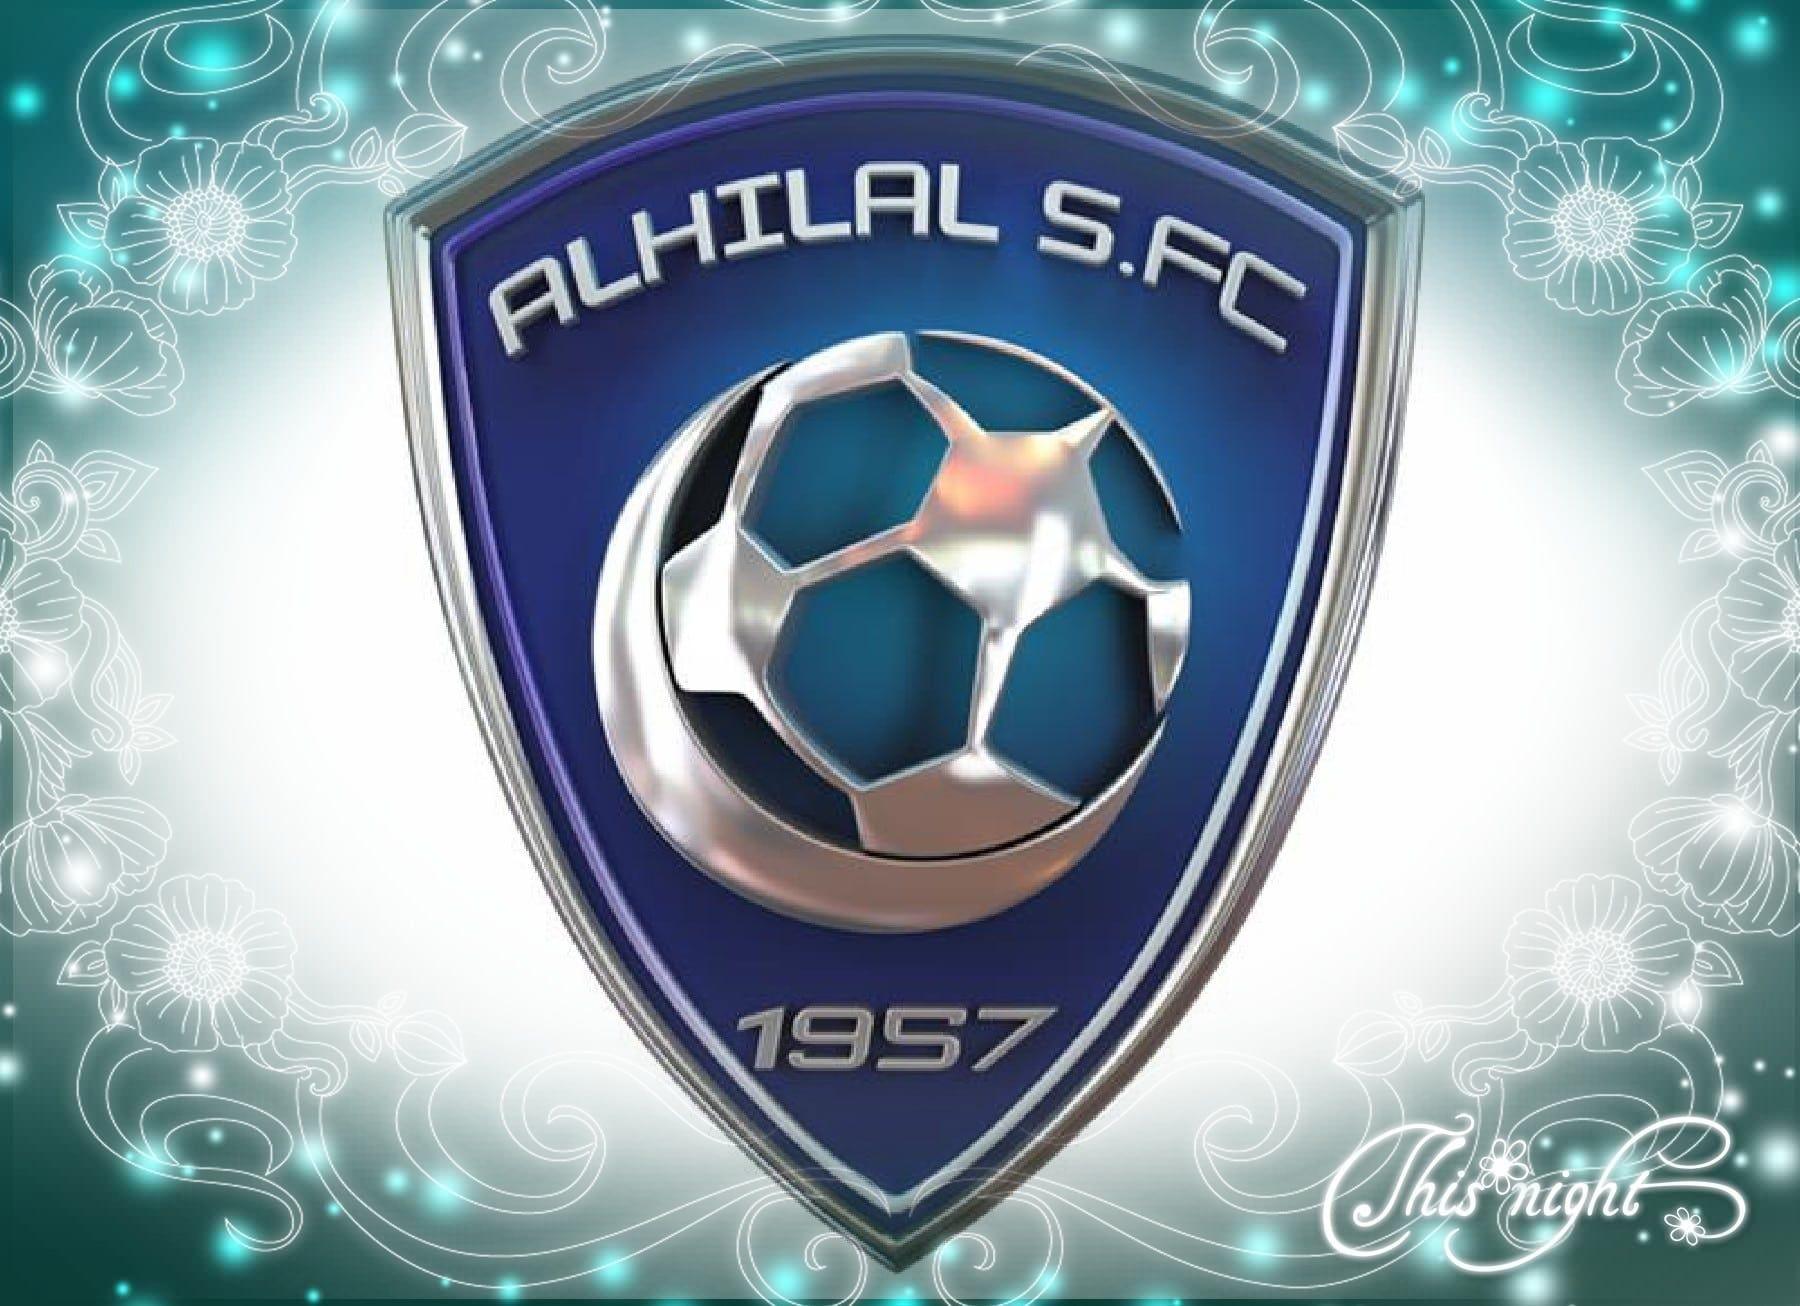 توقعات نتيجة مباراة الهلال والأهلي السعودي اليوم السبت 7 4 2018 وتشكيلة الفريق Sport Team Logos Juventus Logo Team Logo